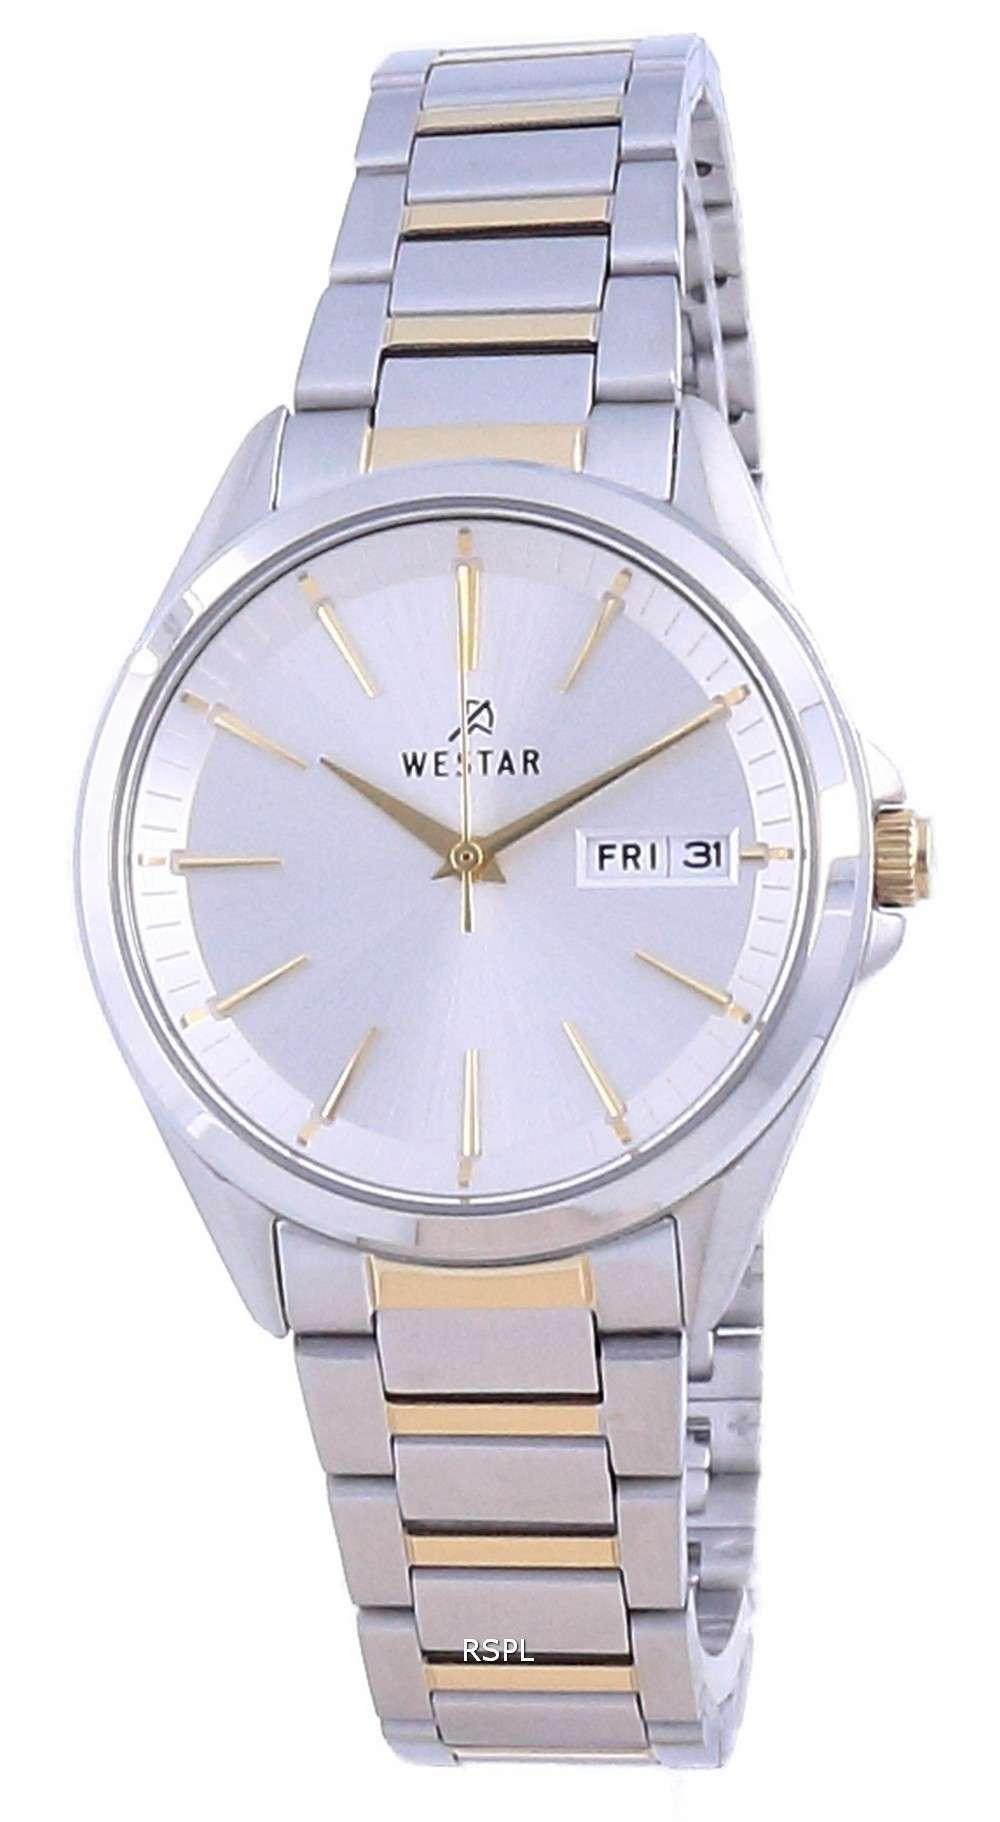 Westar, esfera plateada, acero inoxidable en dos tonos, cuarzo 40212 CBN 107, reloj para mujer